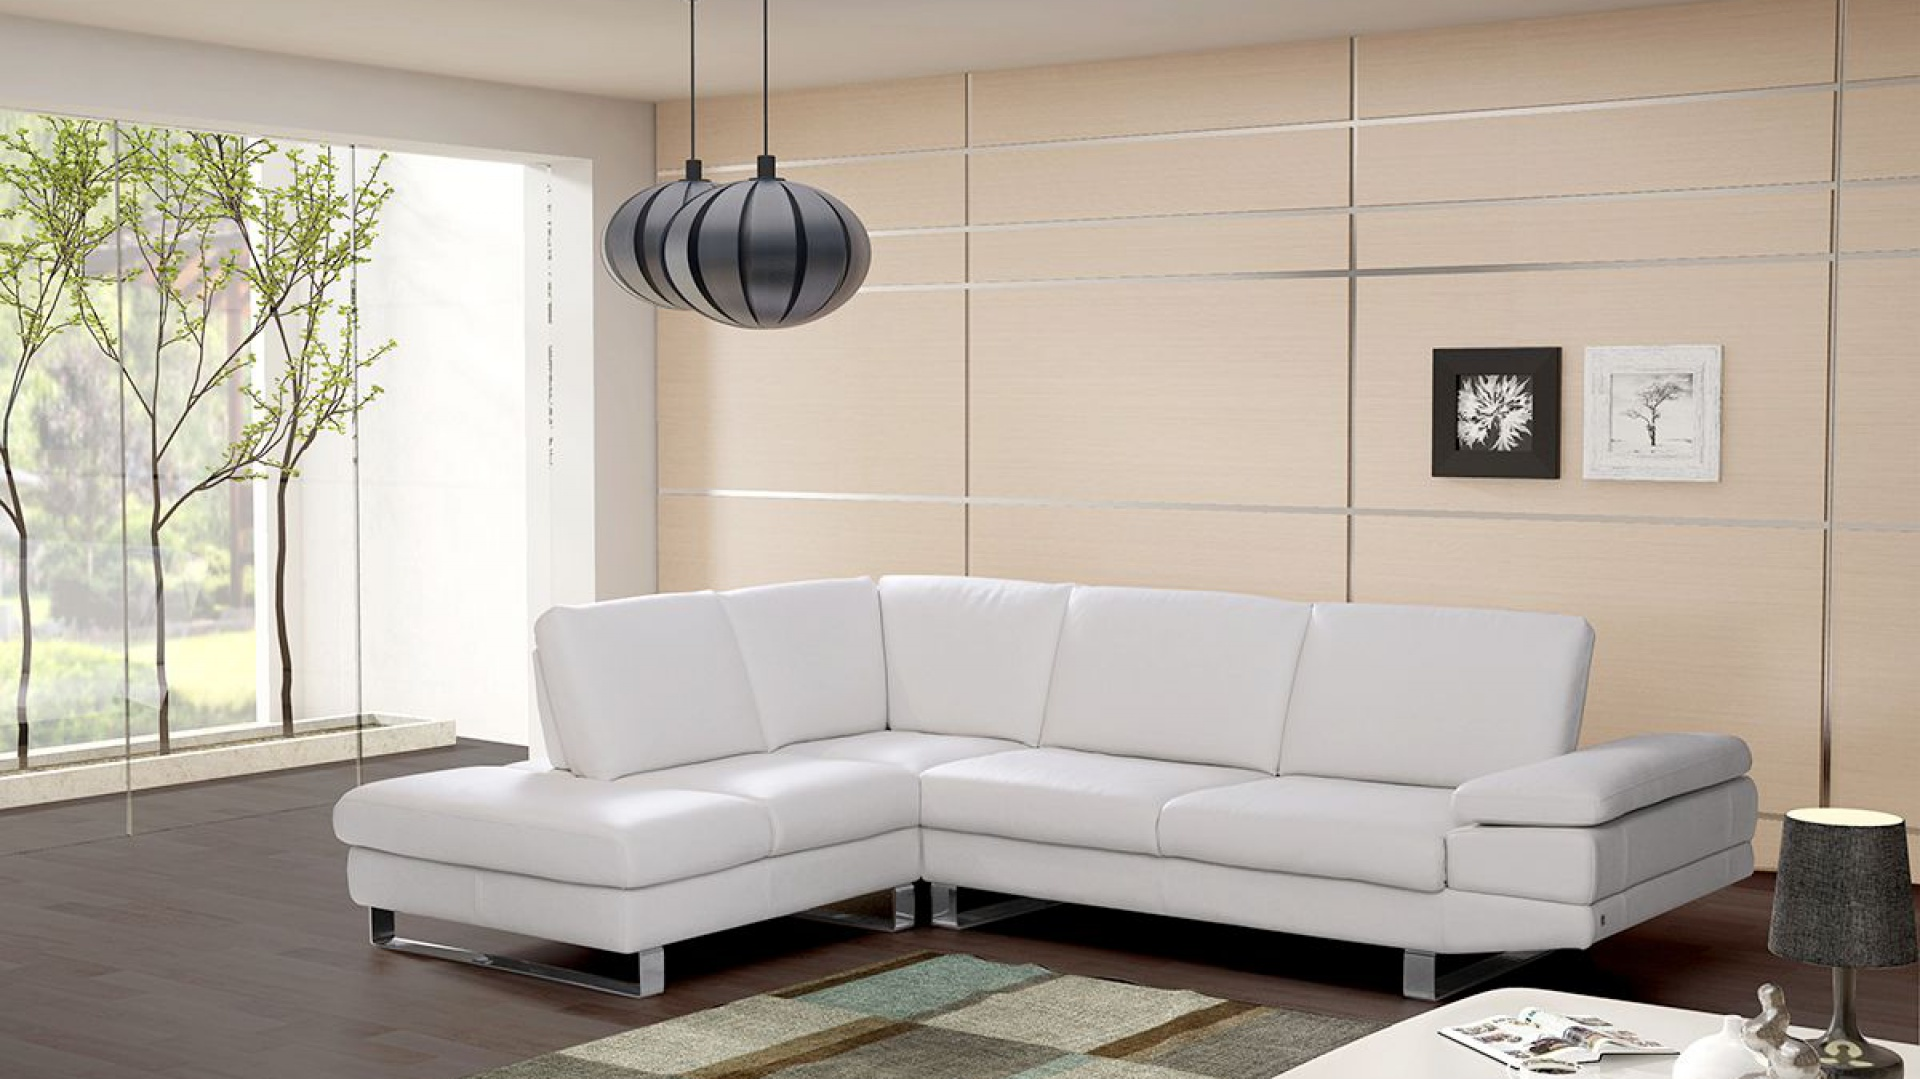 Nowoczesna kanapa narożna Lexus marki TC Meble z funkcją podnoszenia podłokietnika to propozycja do nowoczesnego salonu. Stalowe nóżki dodają uroku, stanowiąc solidne podparcie mebla. Fot. TC Meble.